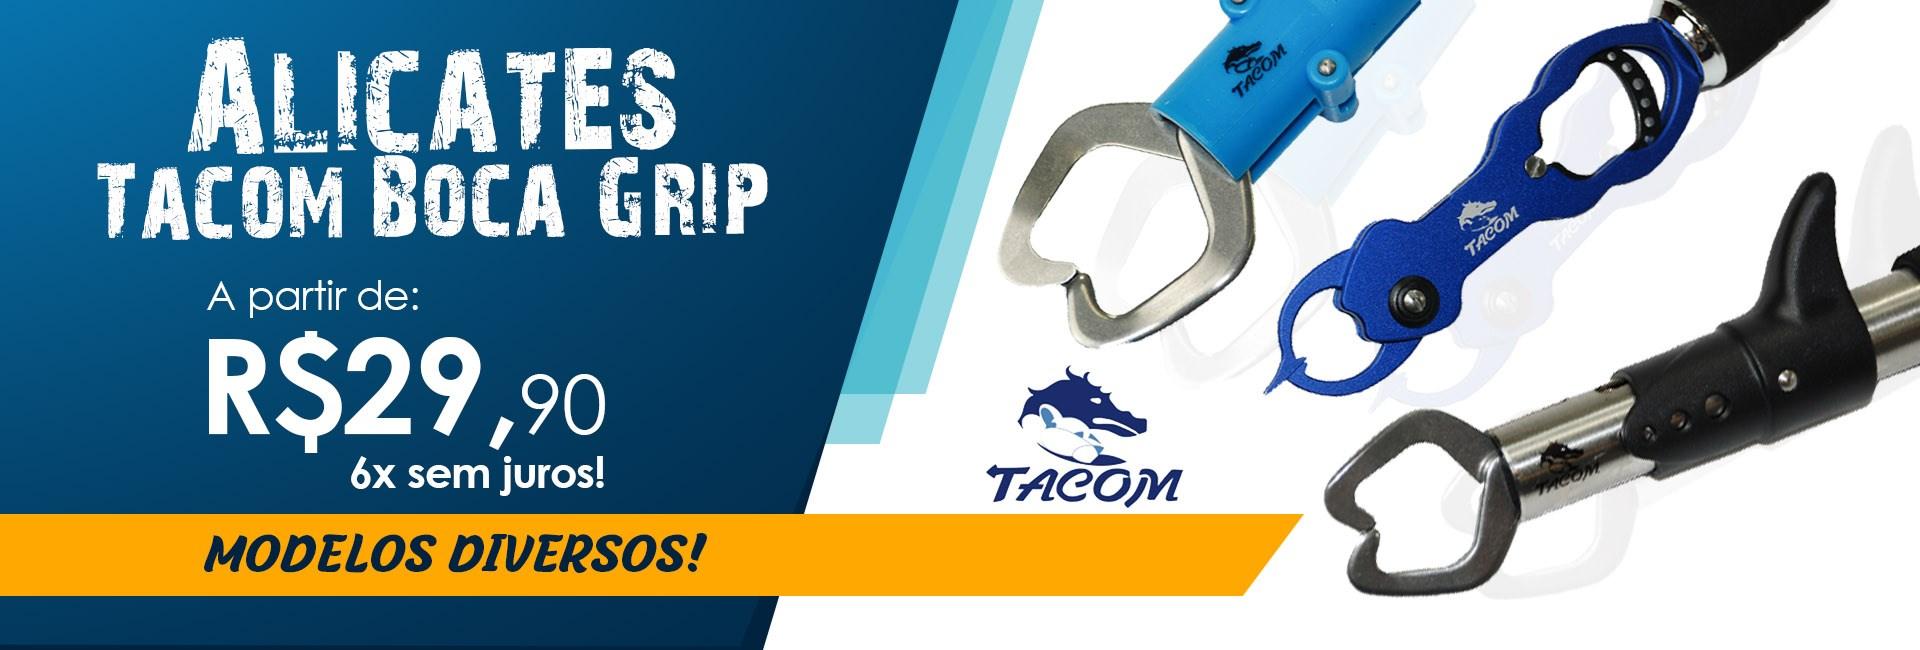 Alicate Tacom Boca Grip